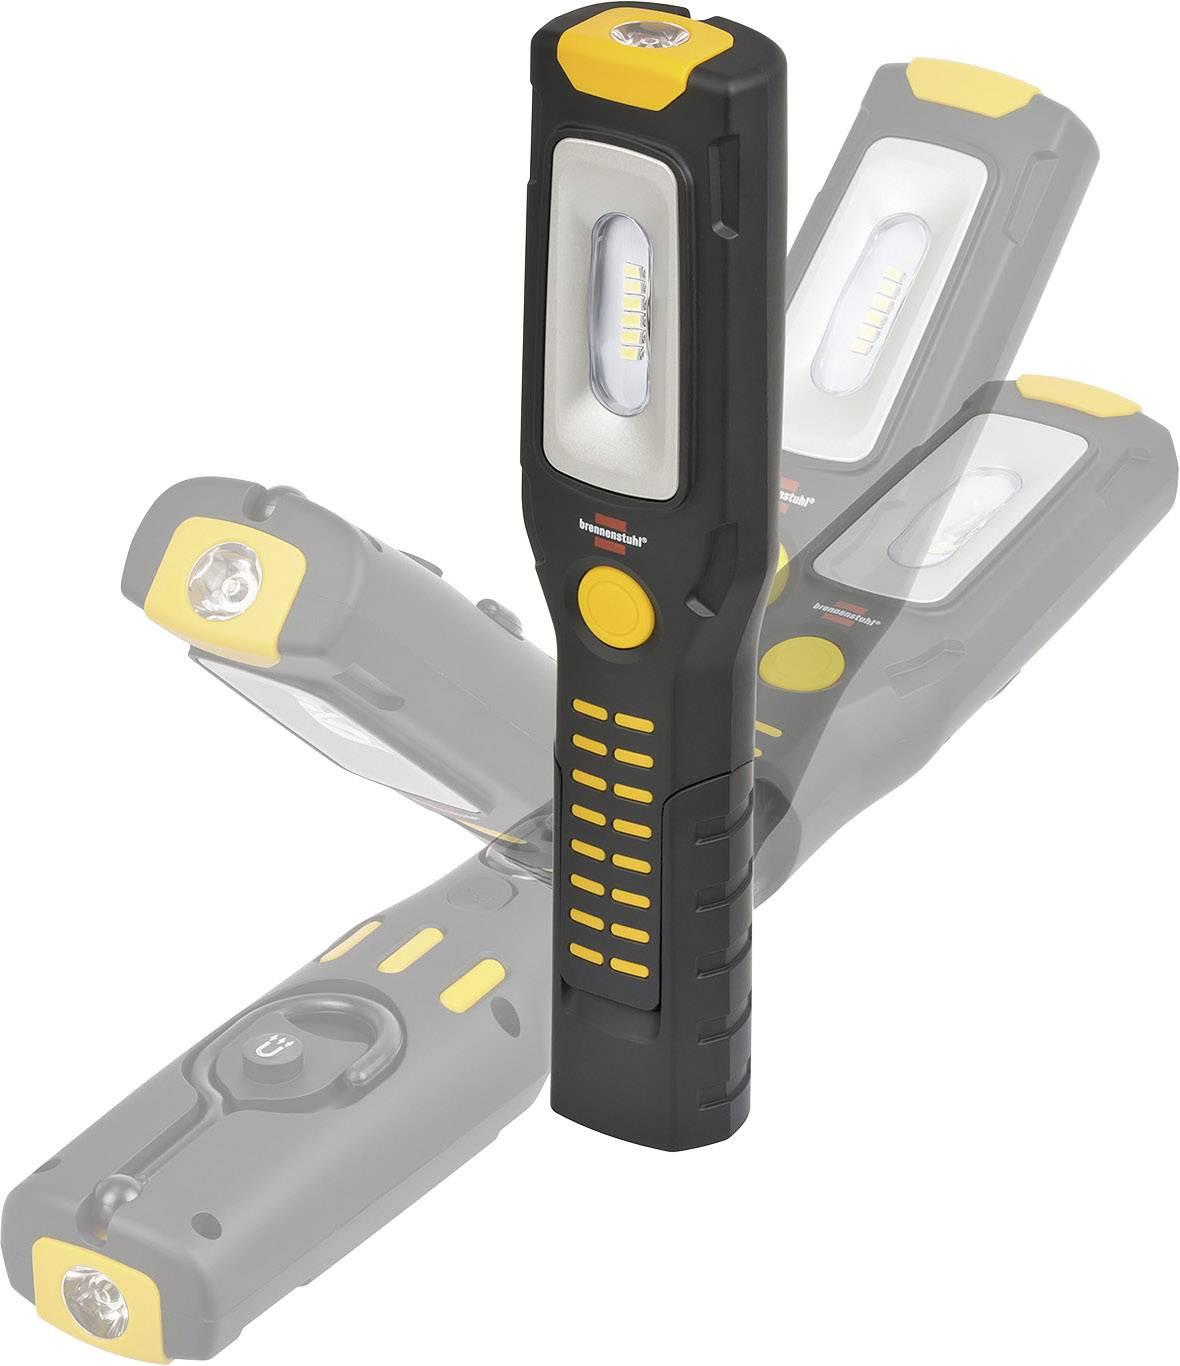 0 Magnétique Lampe 46 Support Lm Kg Brennenstuhl Led Batterie À Avec Travail 300 De 1cKTl3FJ